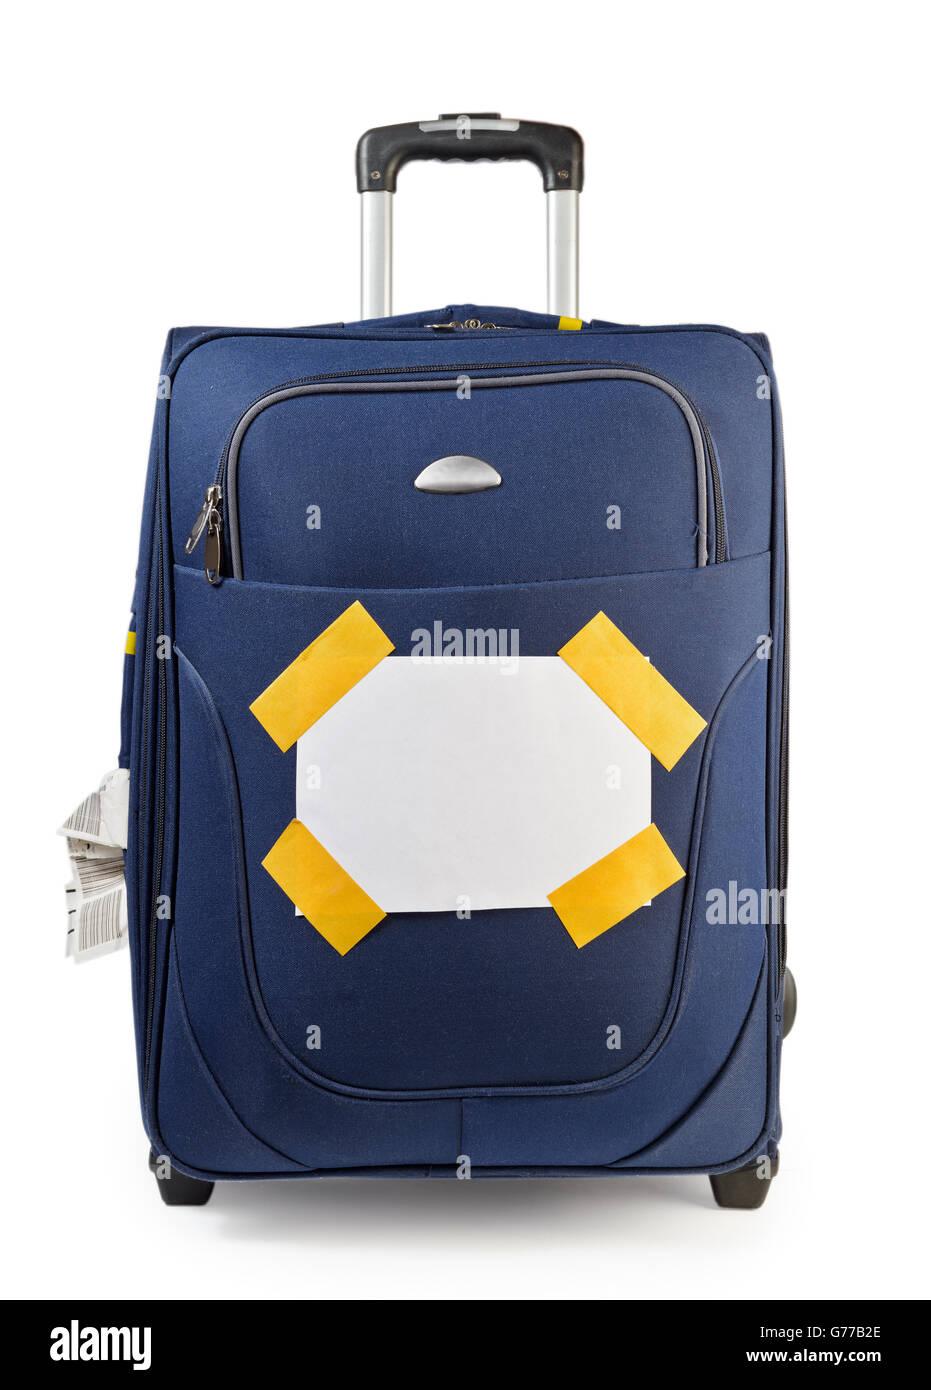 Reise-Koffer mit Ziel Label isoliert auf weiss Stockbild